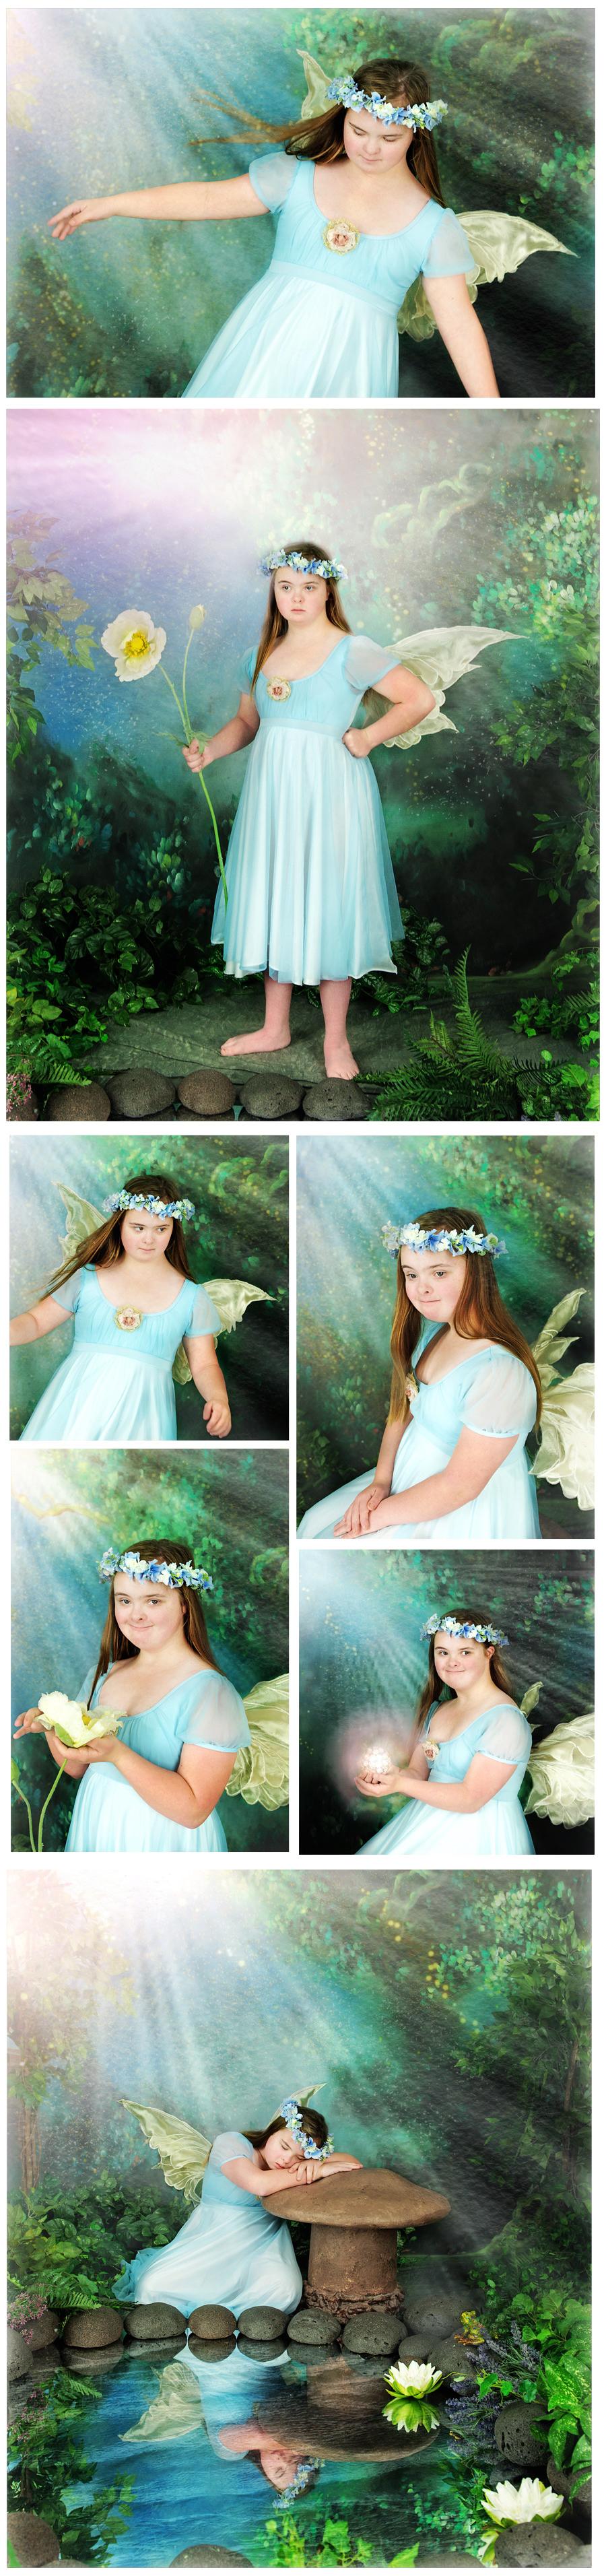 fairy-with-a-graceful-heart_04.jpg